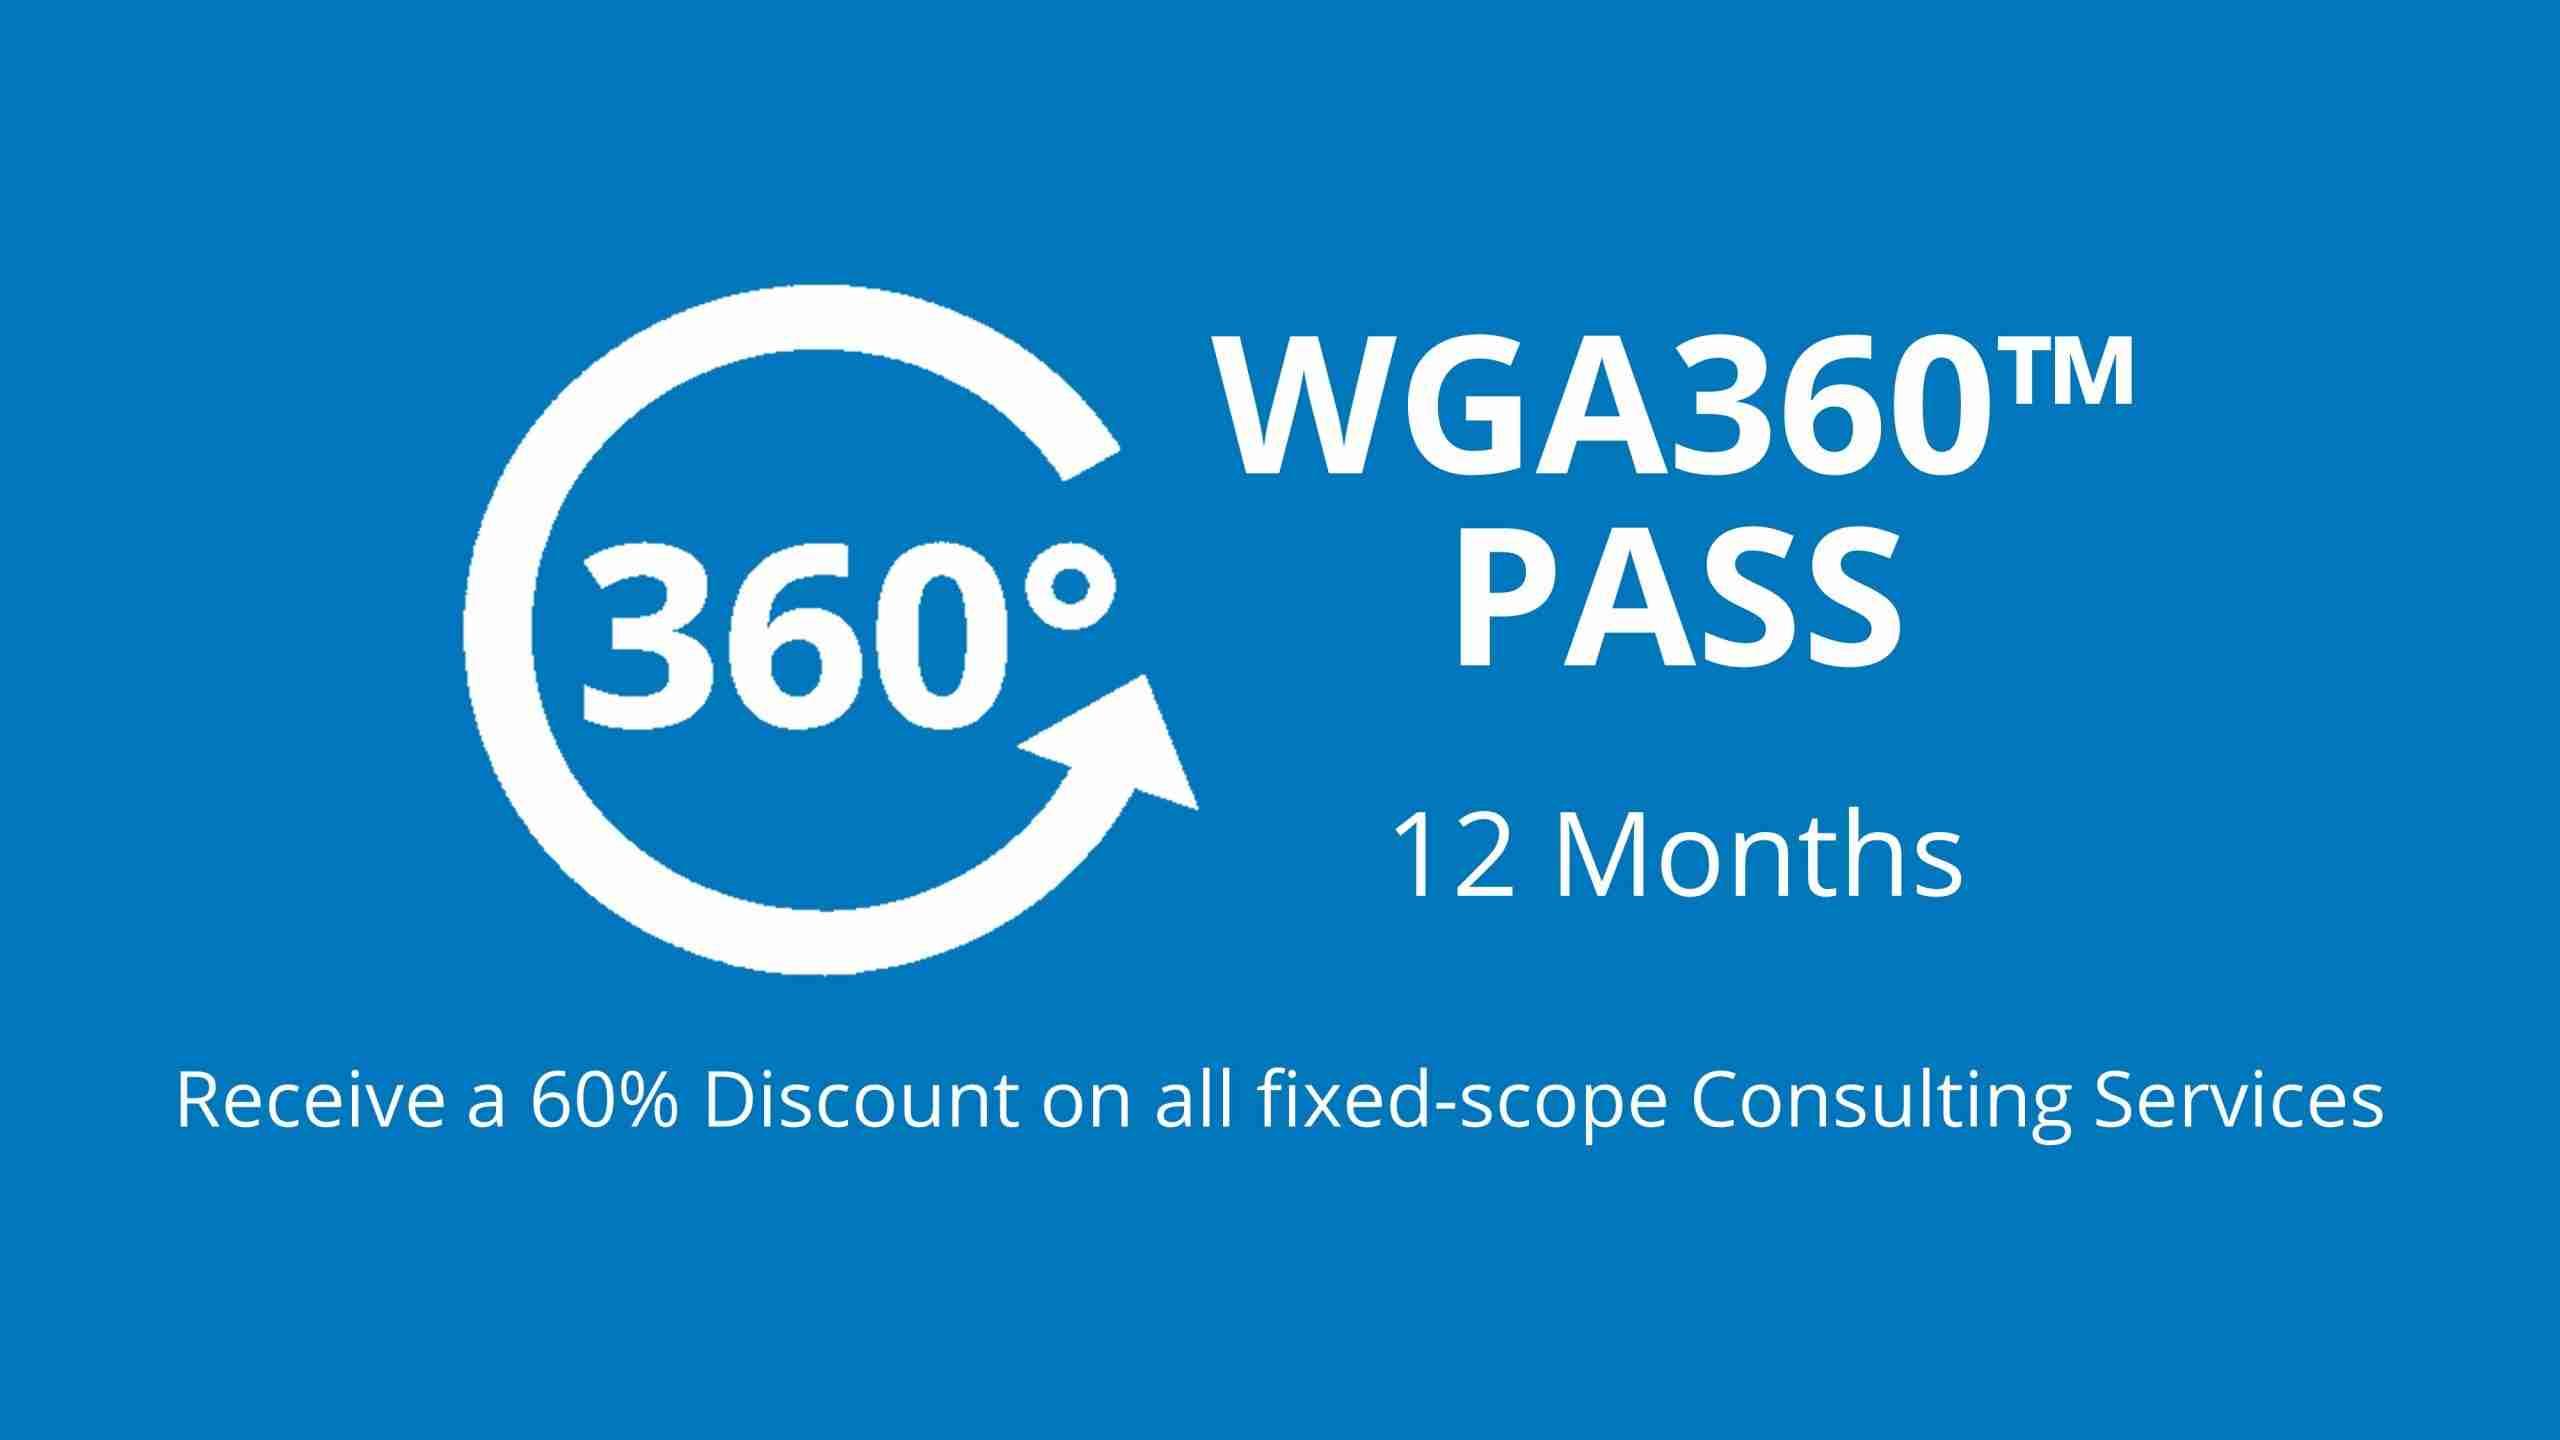 WGA360™ PASS